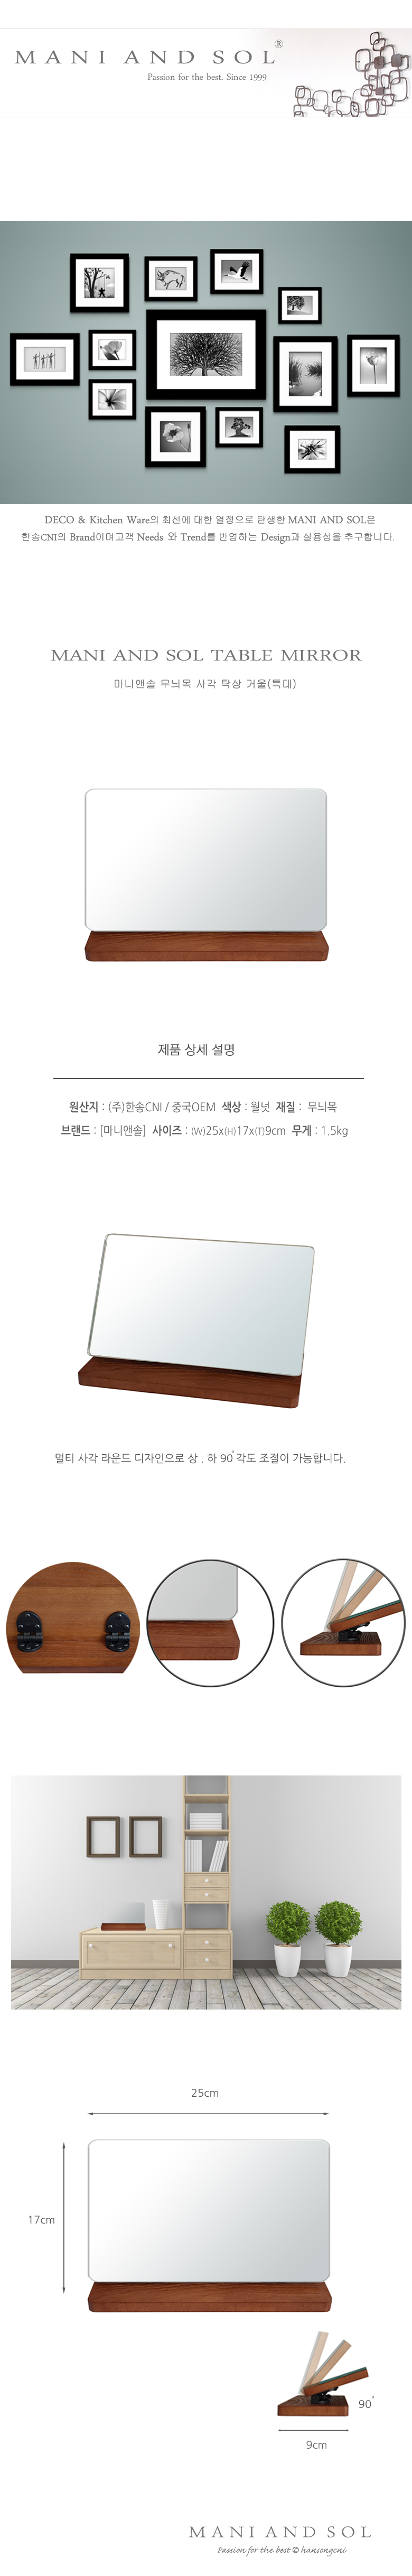 마니앤솔 월넛무늬목 탁상거울 - 마니앤솔, 13,900원, 거울, 탁상거울